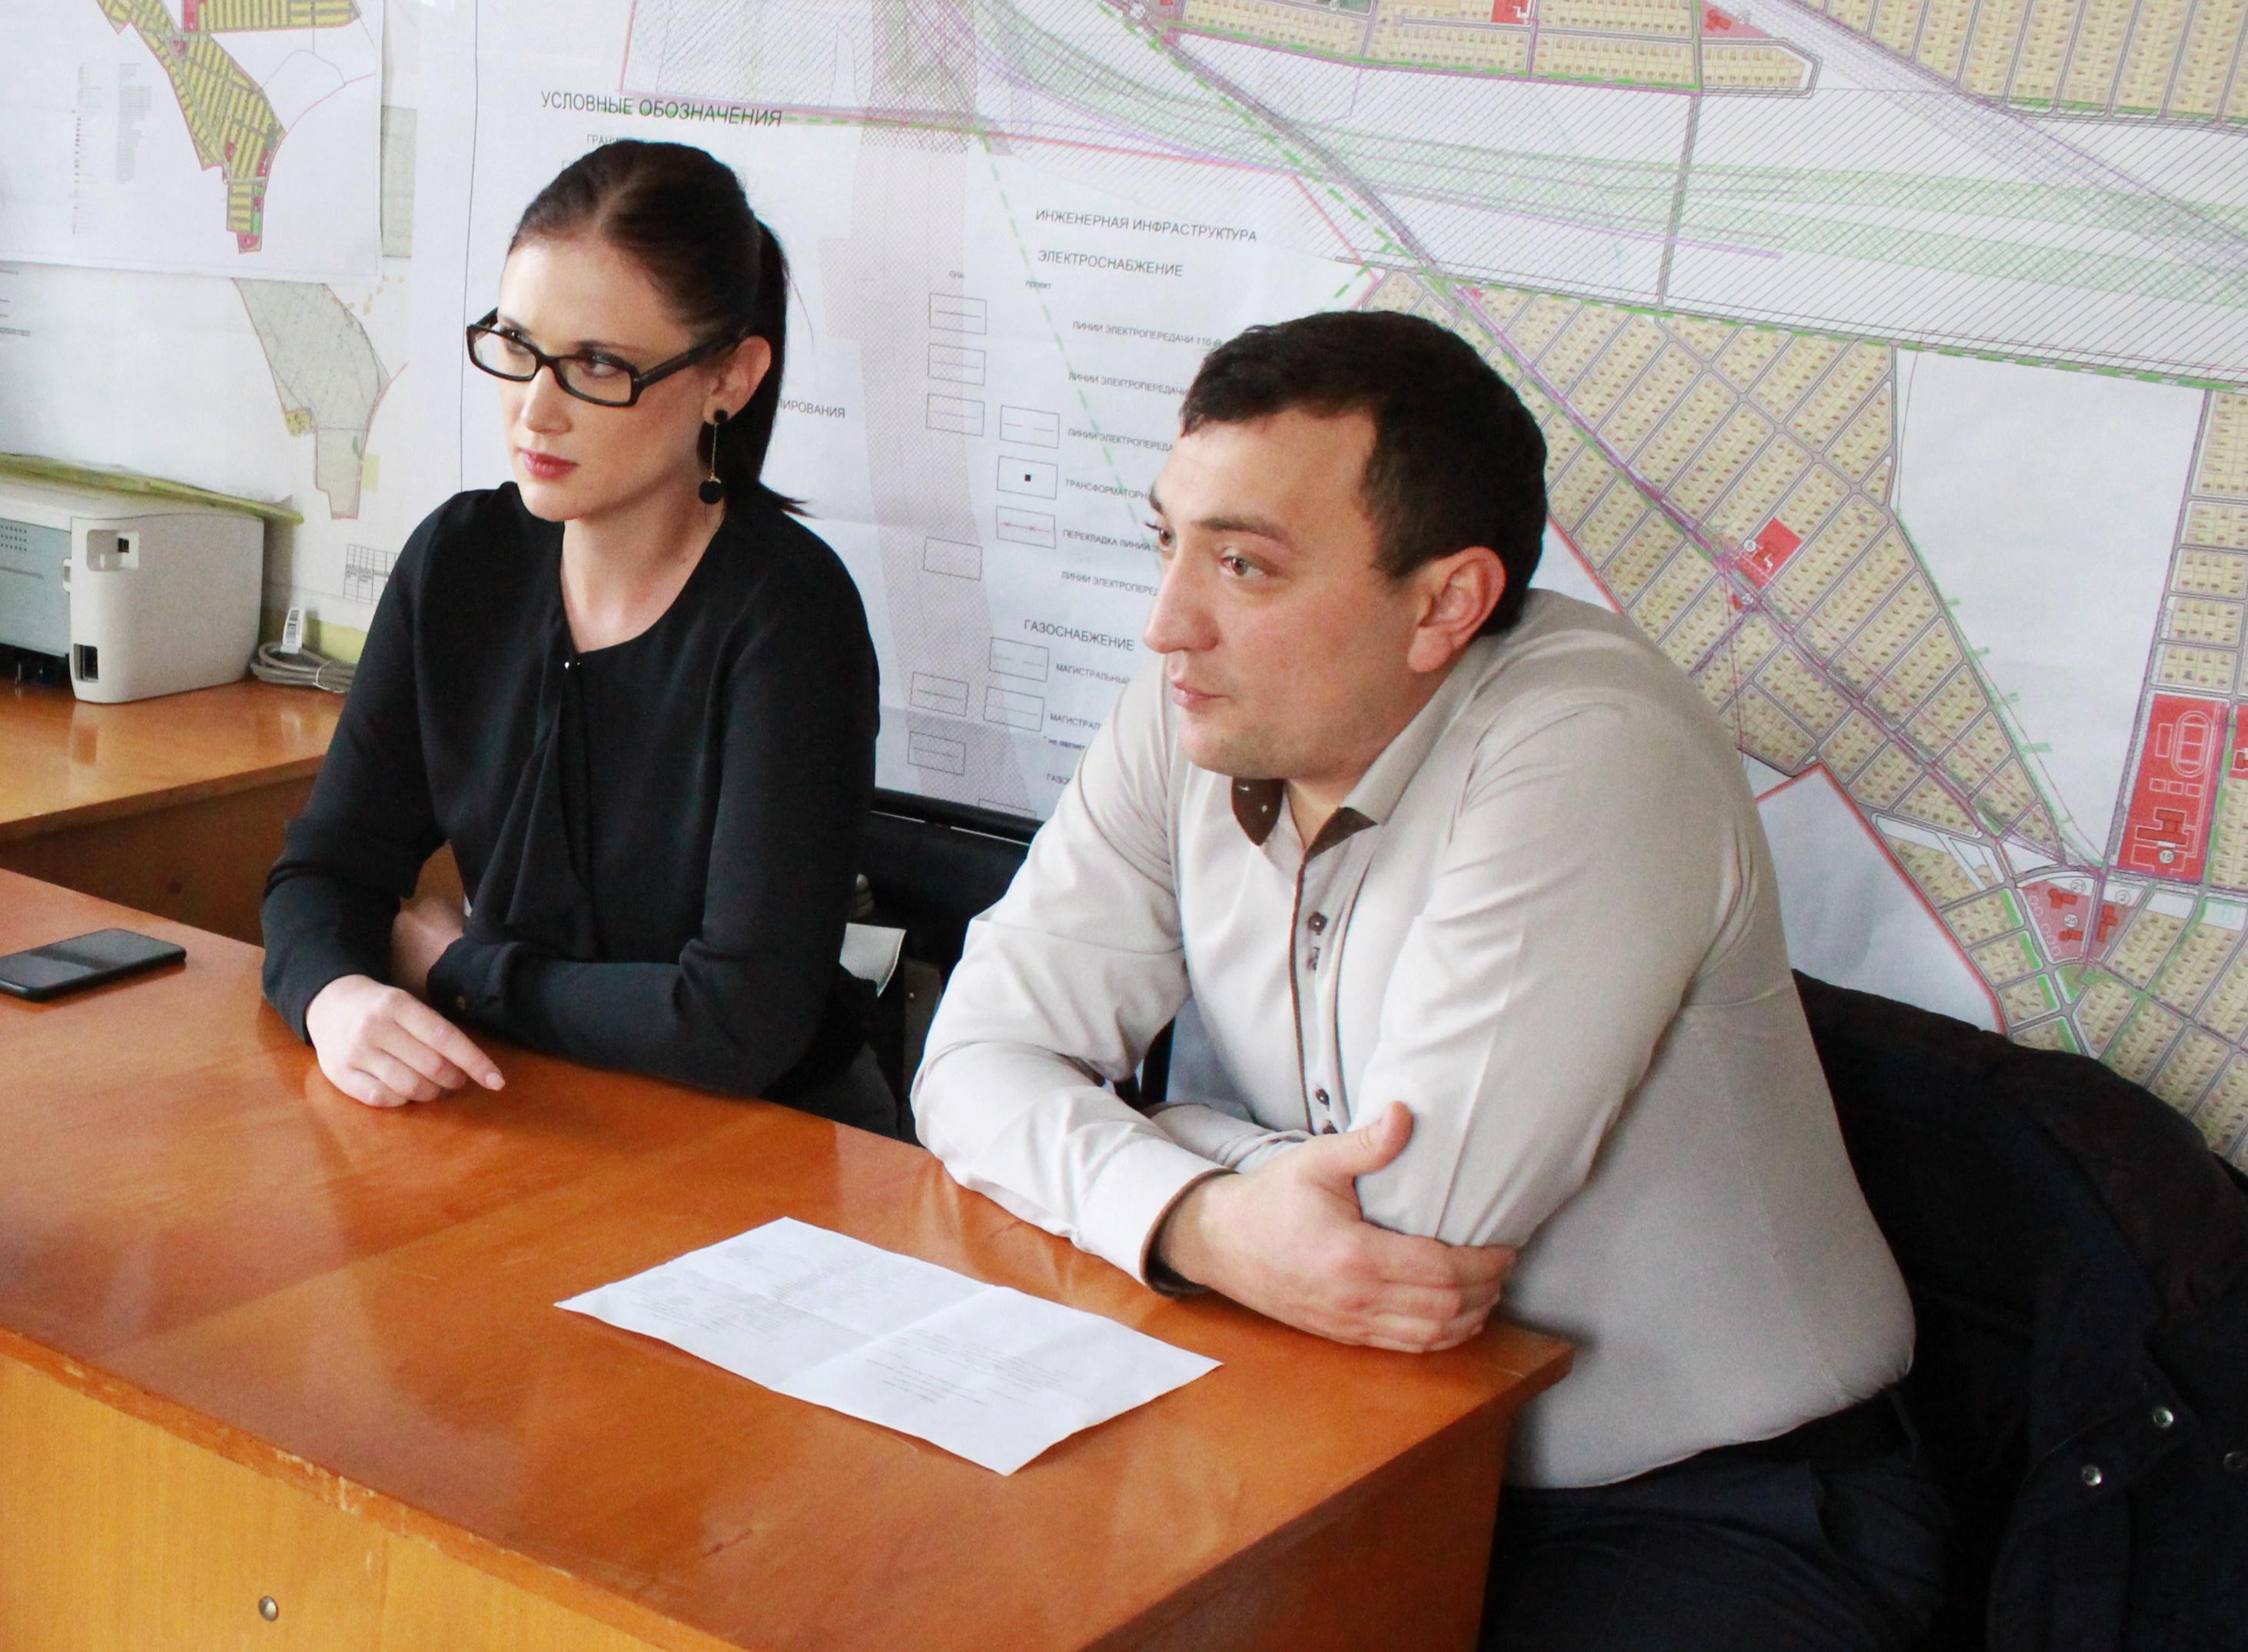 Специалисты Госкомрегистра продолжают консультировать крымчан по актуальным вопросам оформления недвижимости